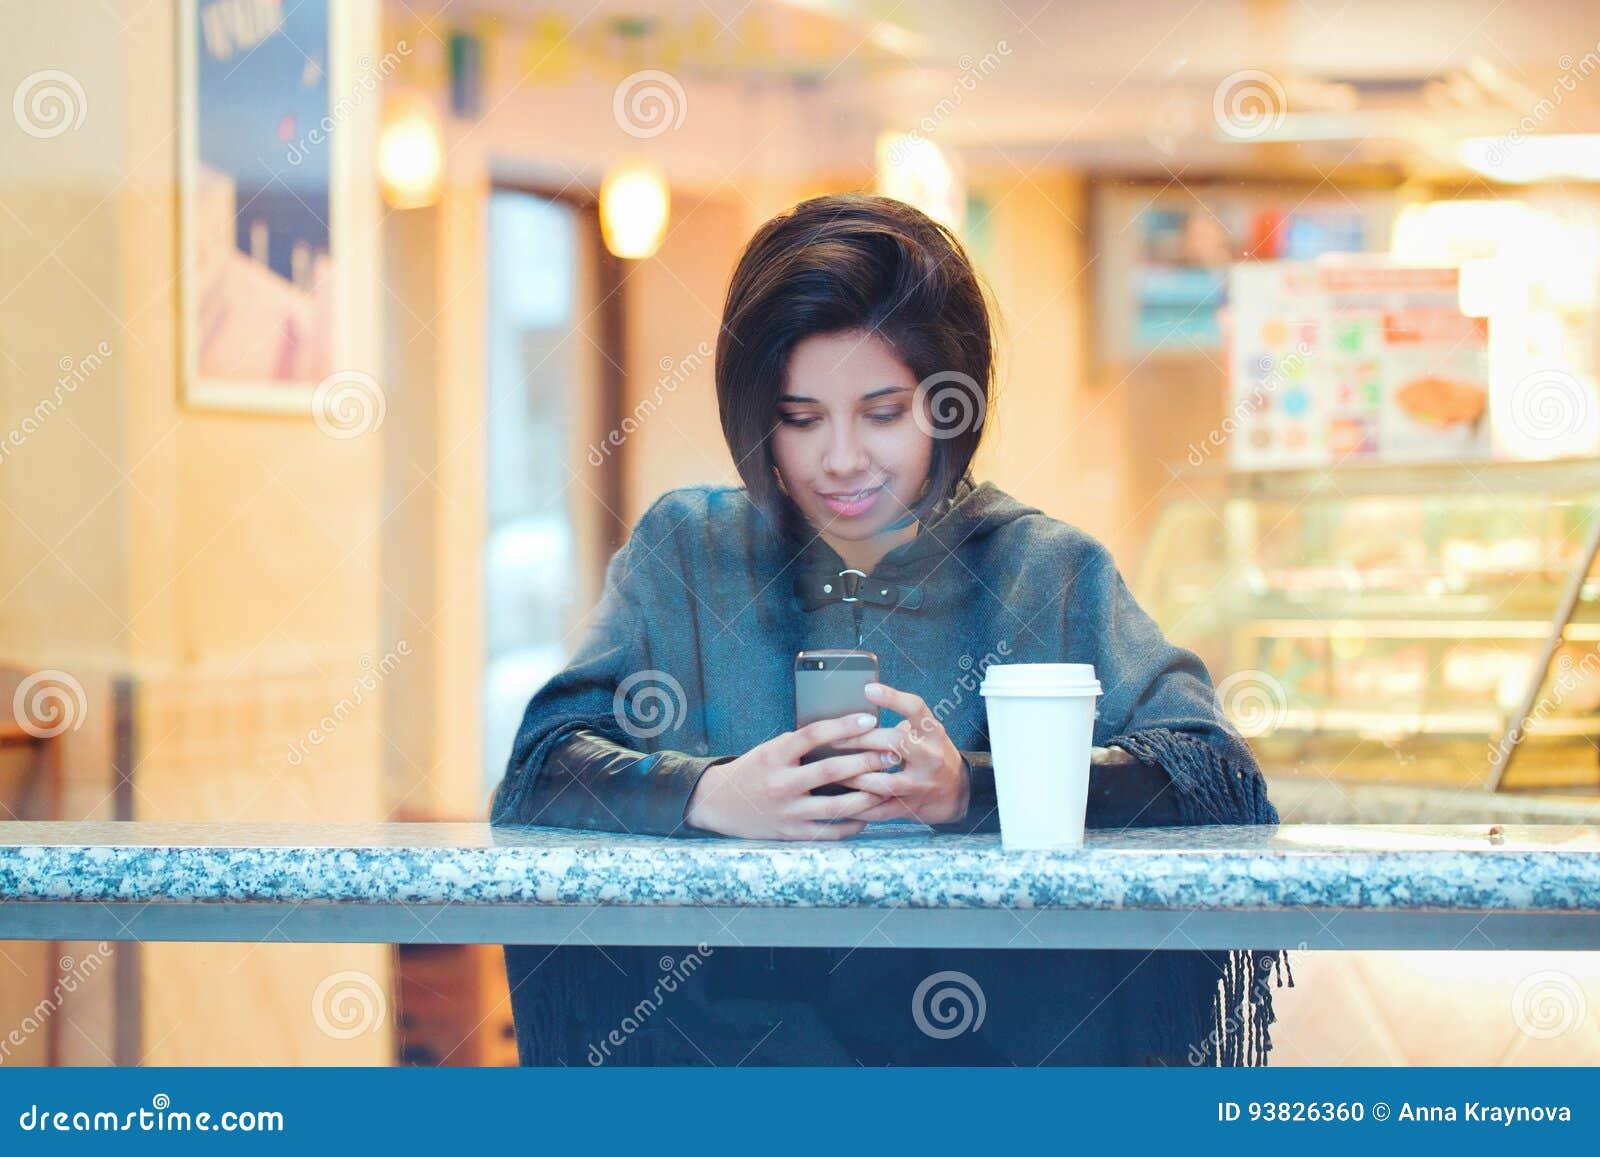 Retrato da mulher latino-americano latin da menina do moderno novo bonito com o prumo do cabelo curto no revestimento cinzento do